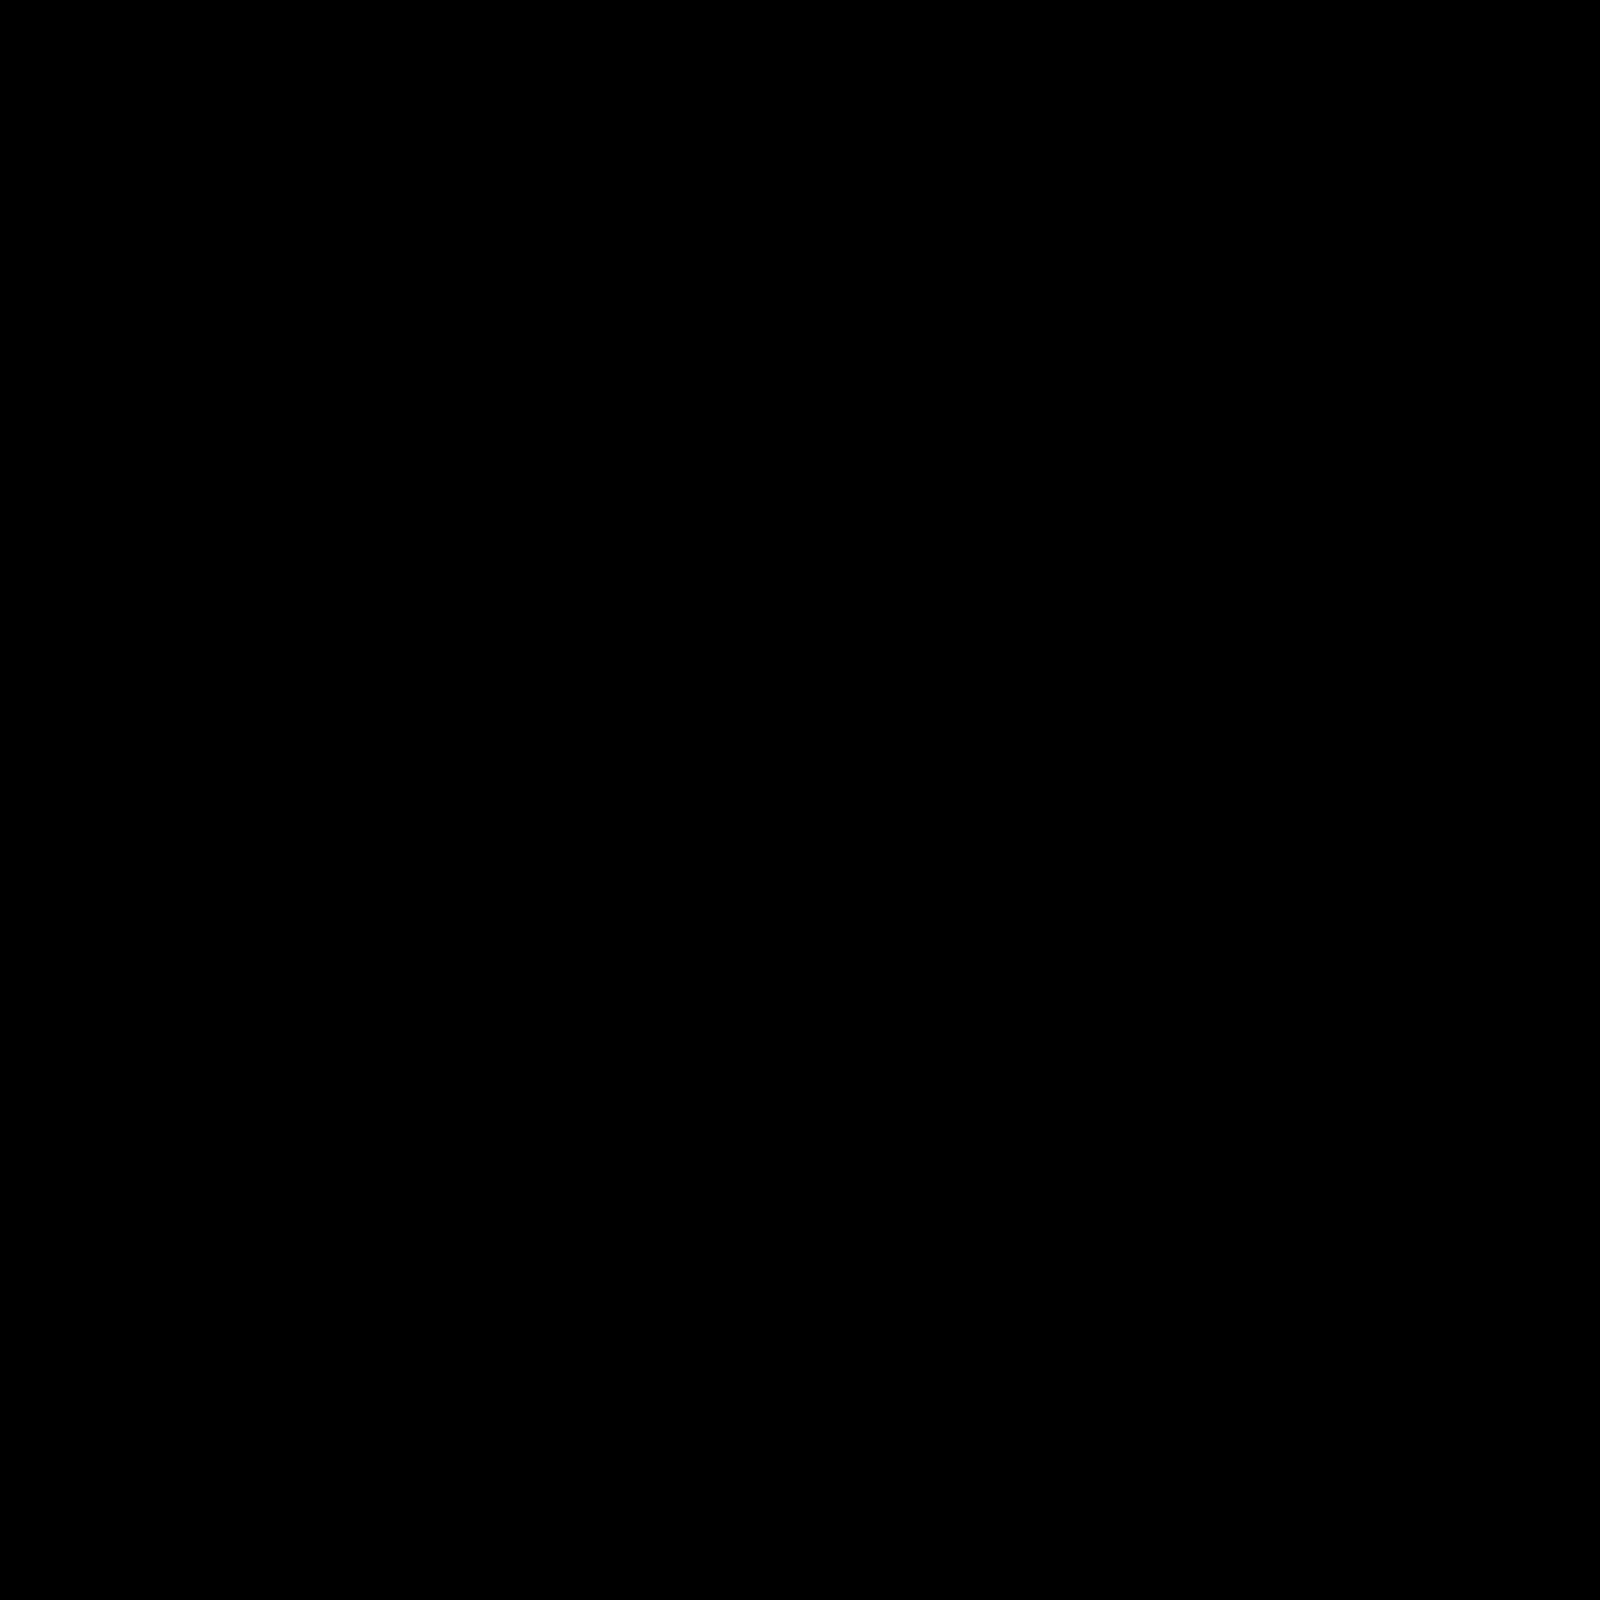 Иконка Skyatlas - скачать бесплатно в PNG и векторе e91f37446d9